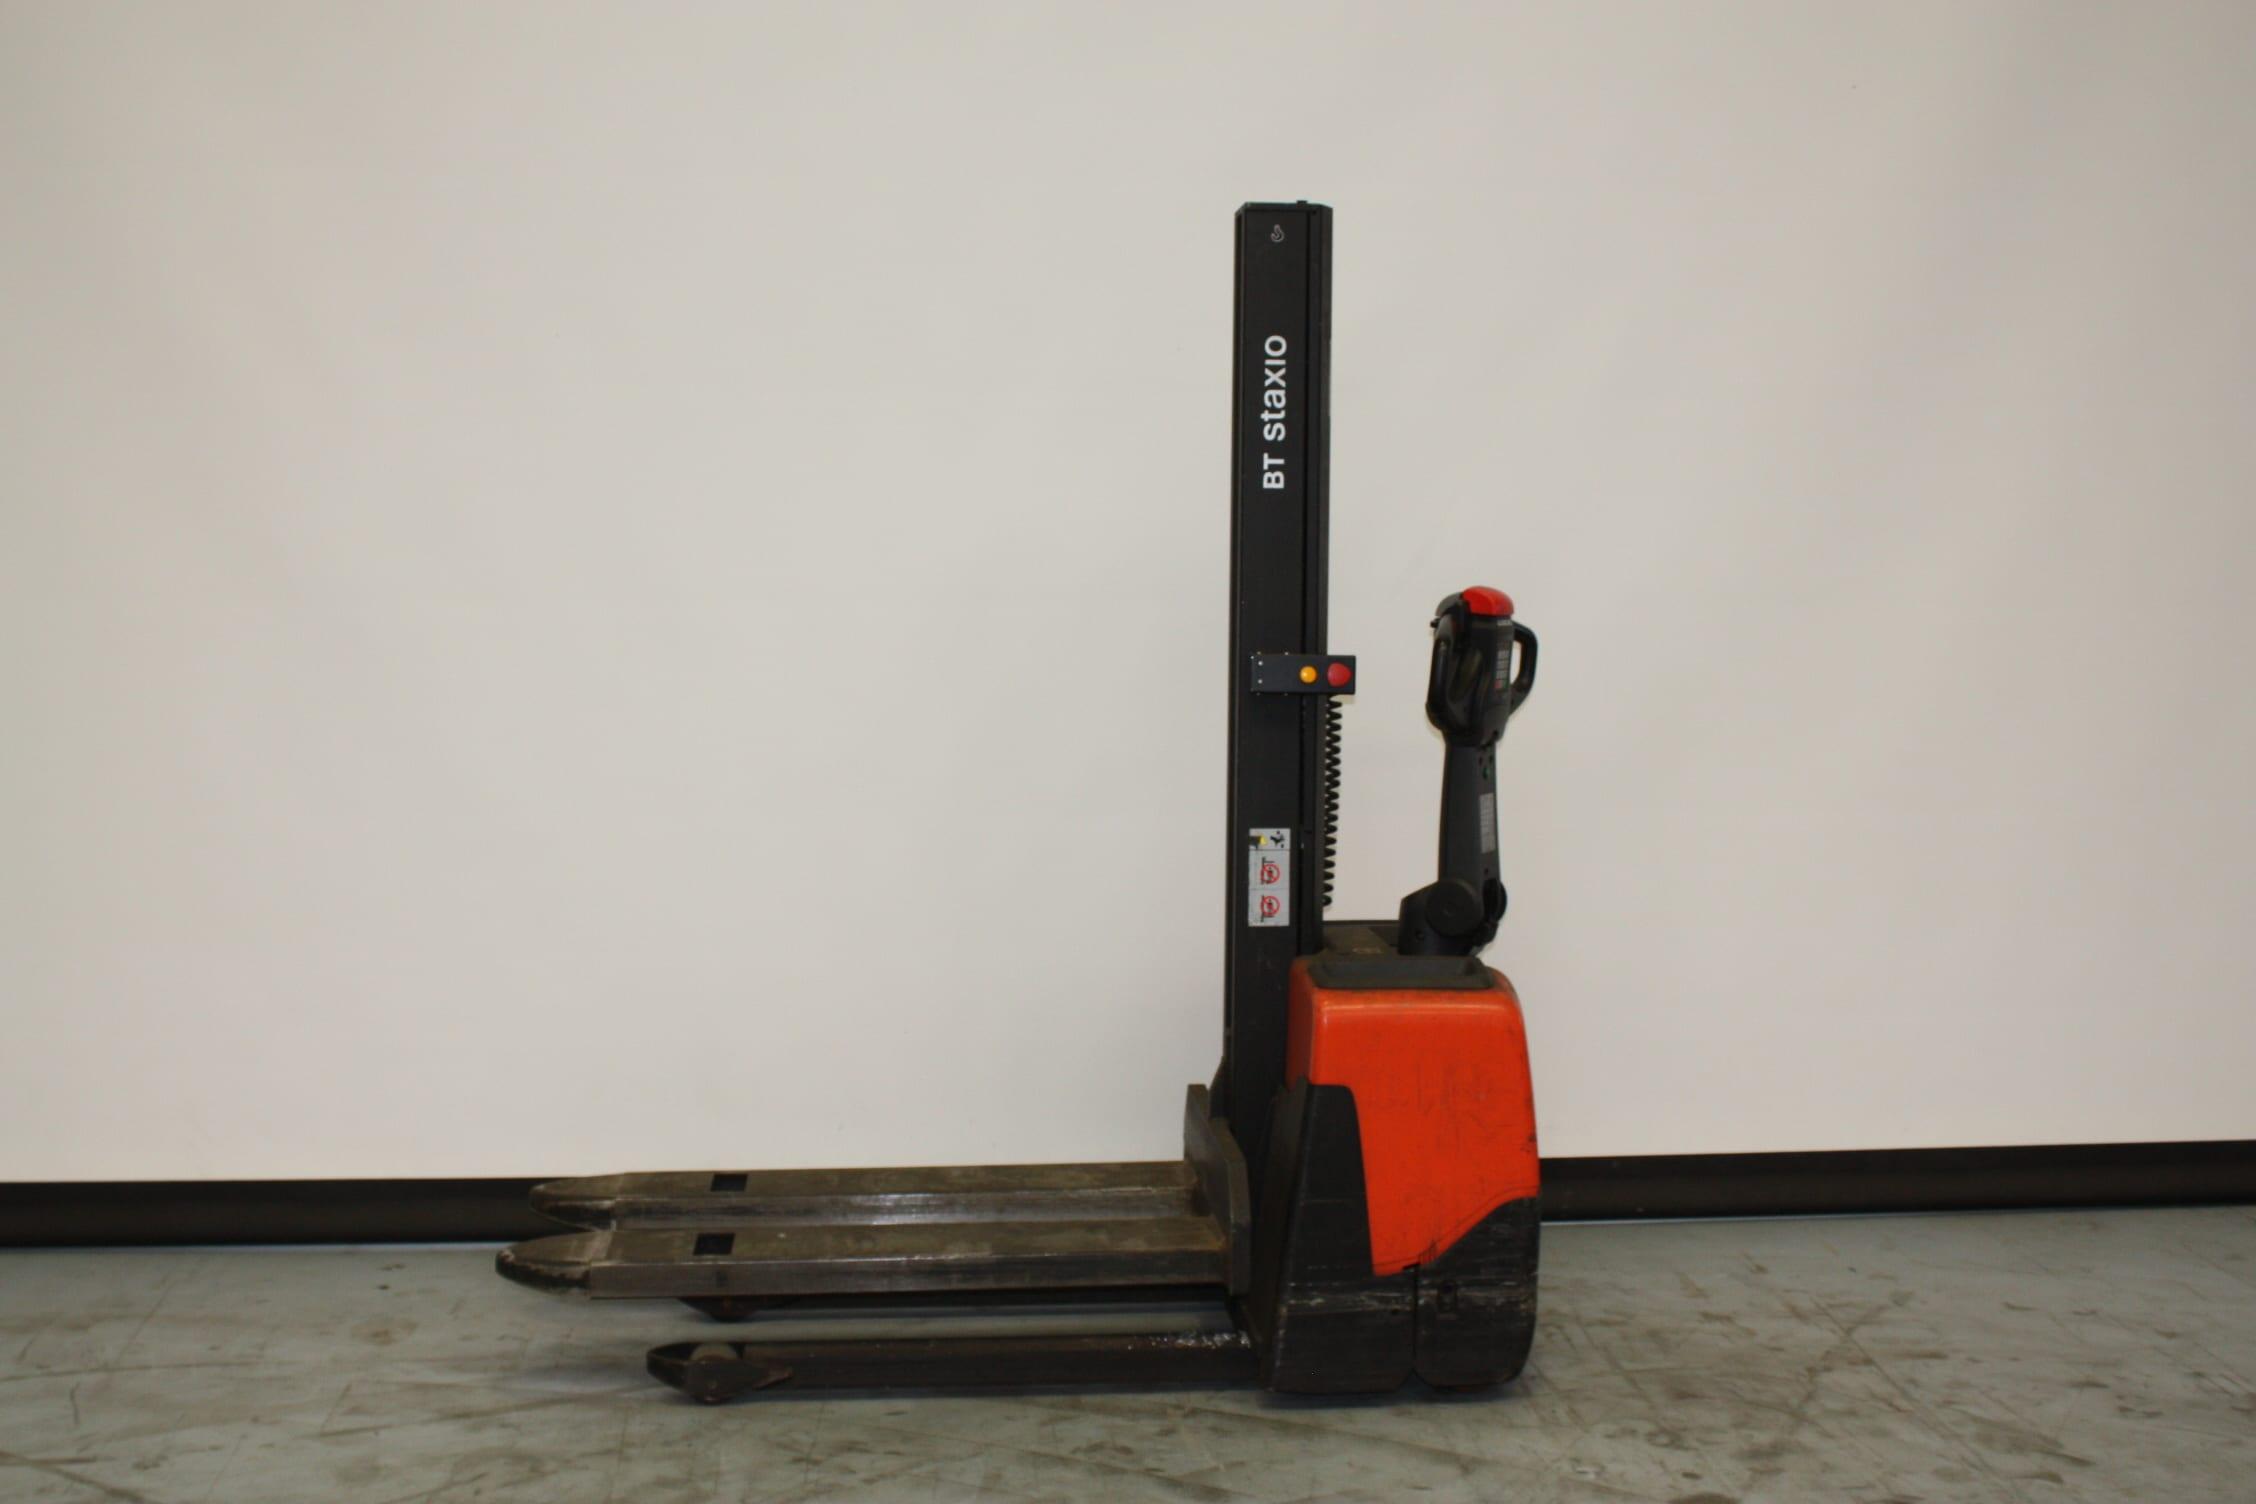 Toyota-Gabelstapler-59840 1802011955 1 2